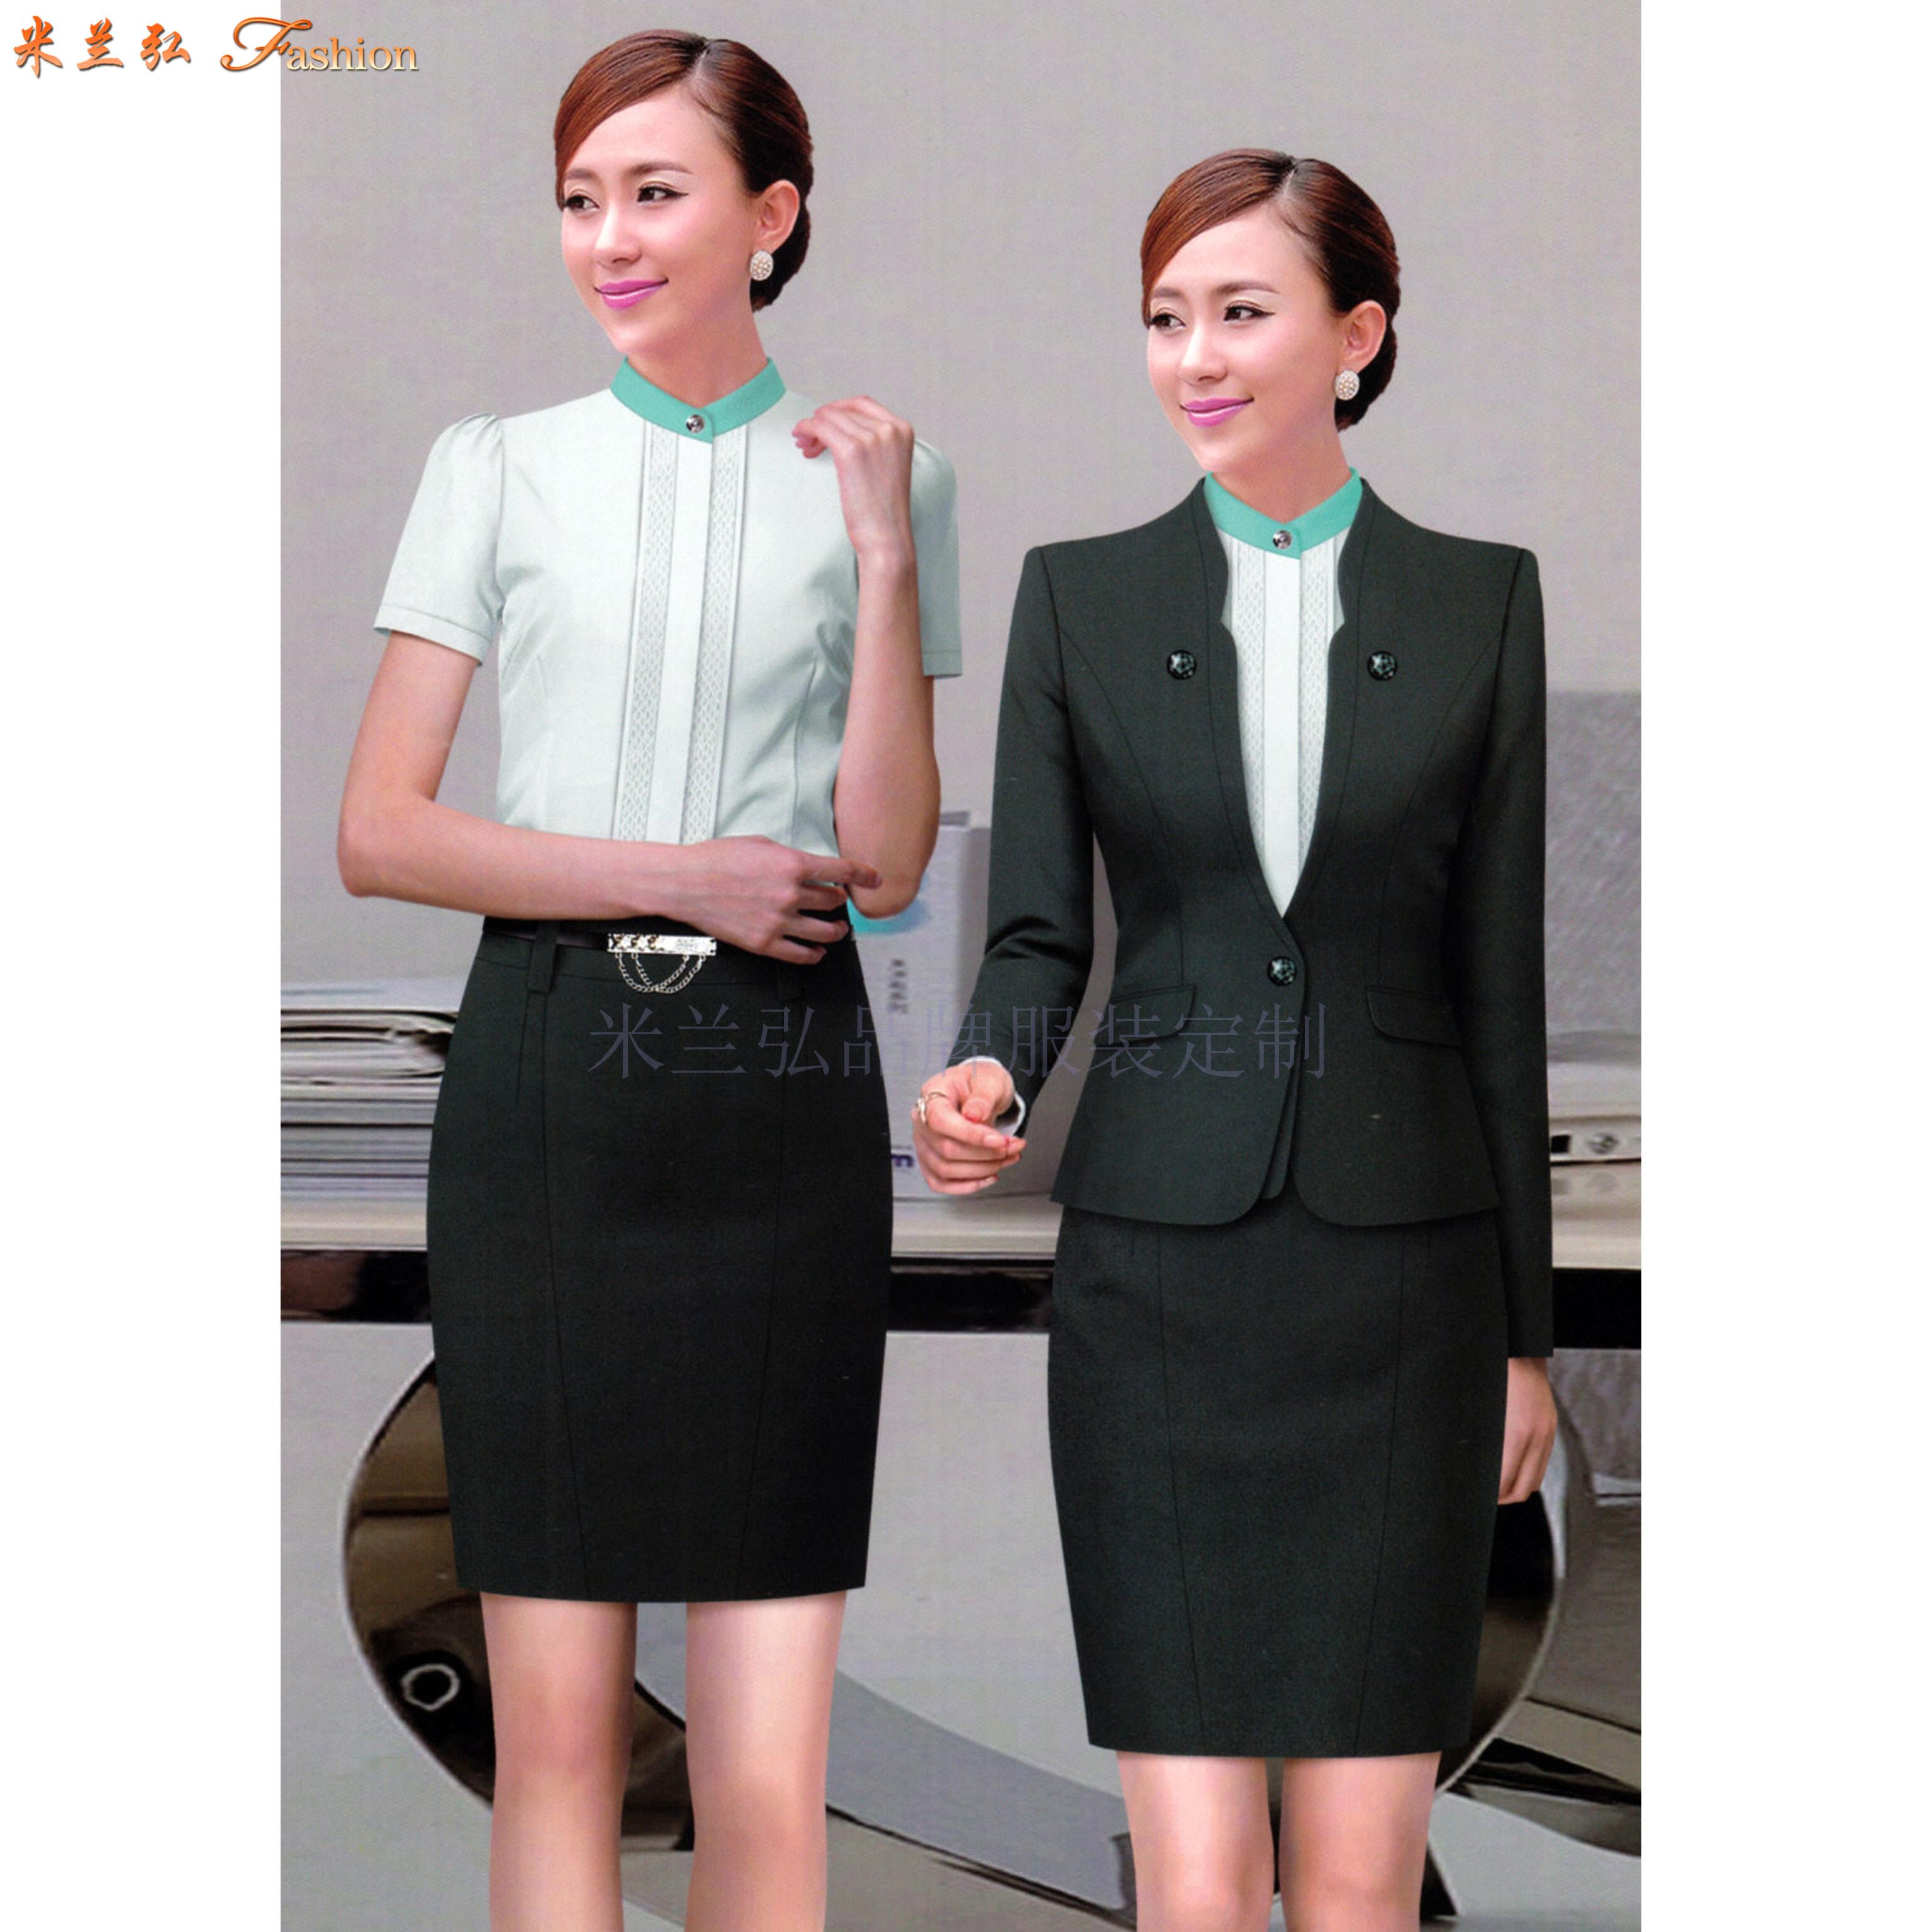 「大连定制商务西装定做品牌西服」订做正装西服厂家米兰弘👍-5